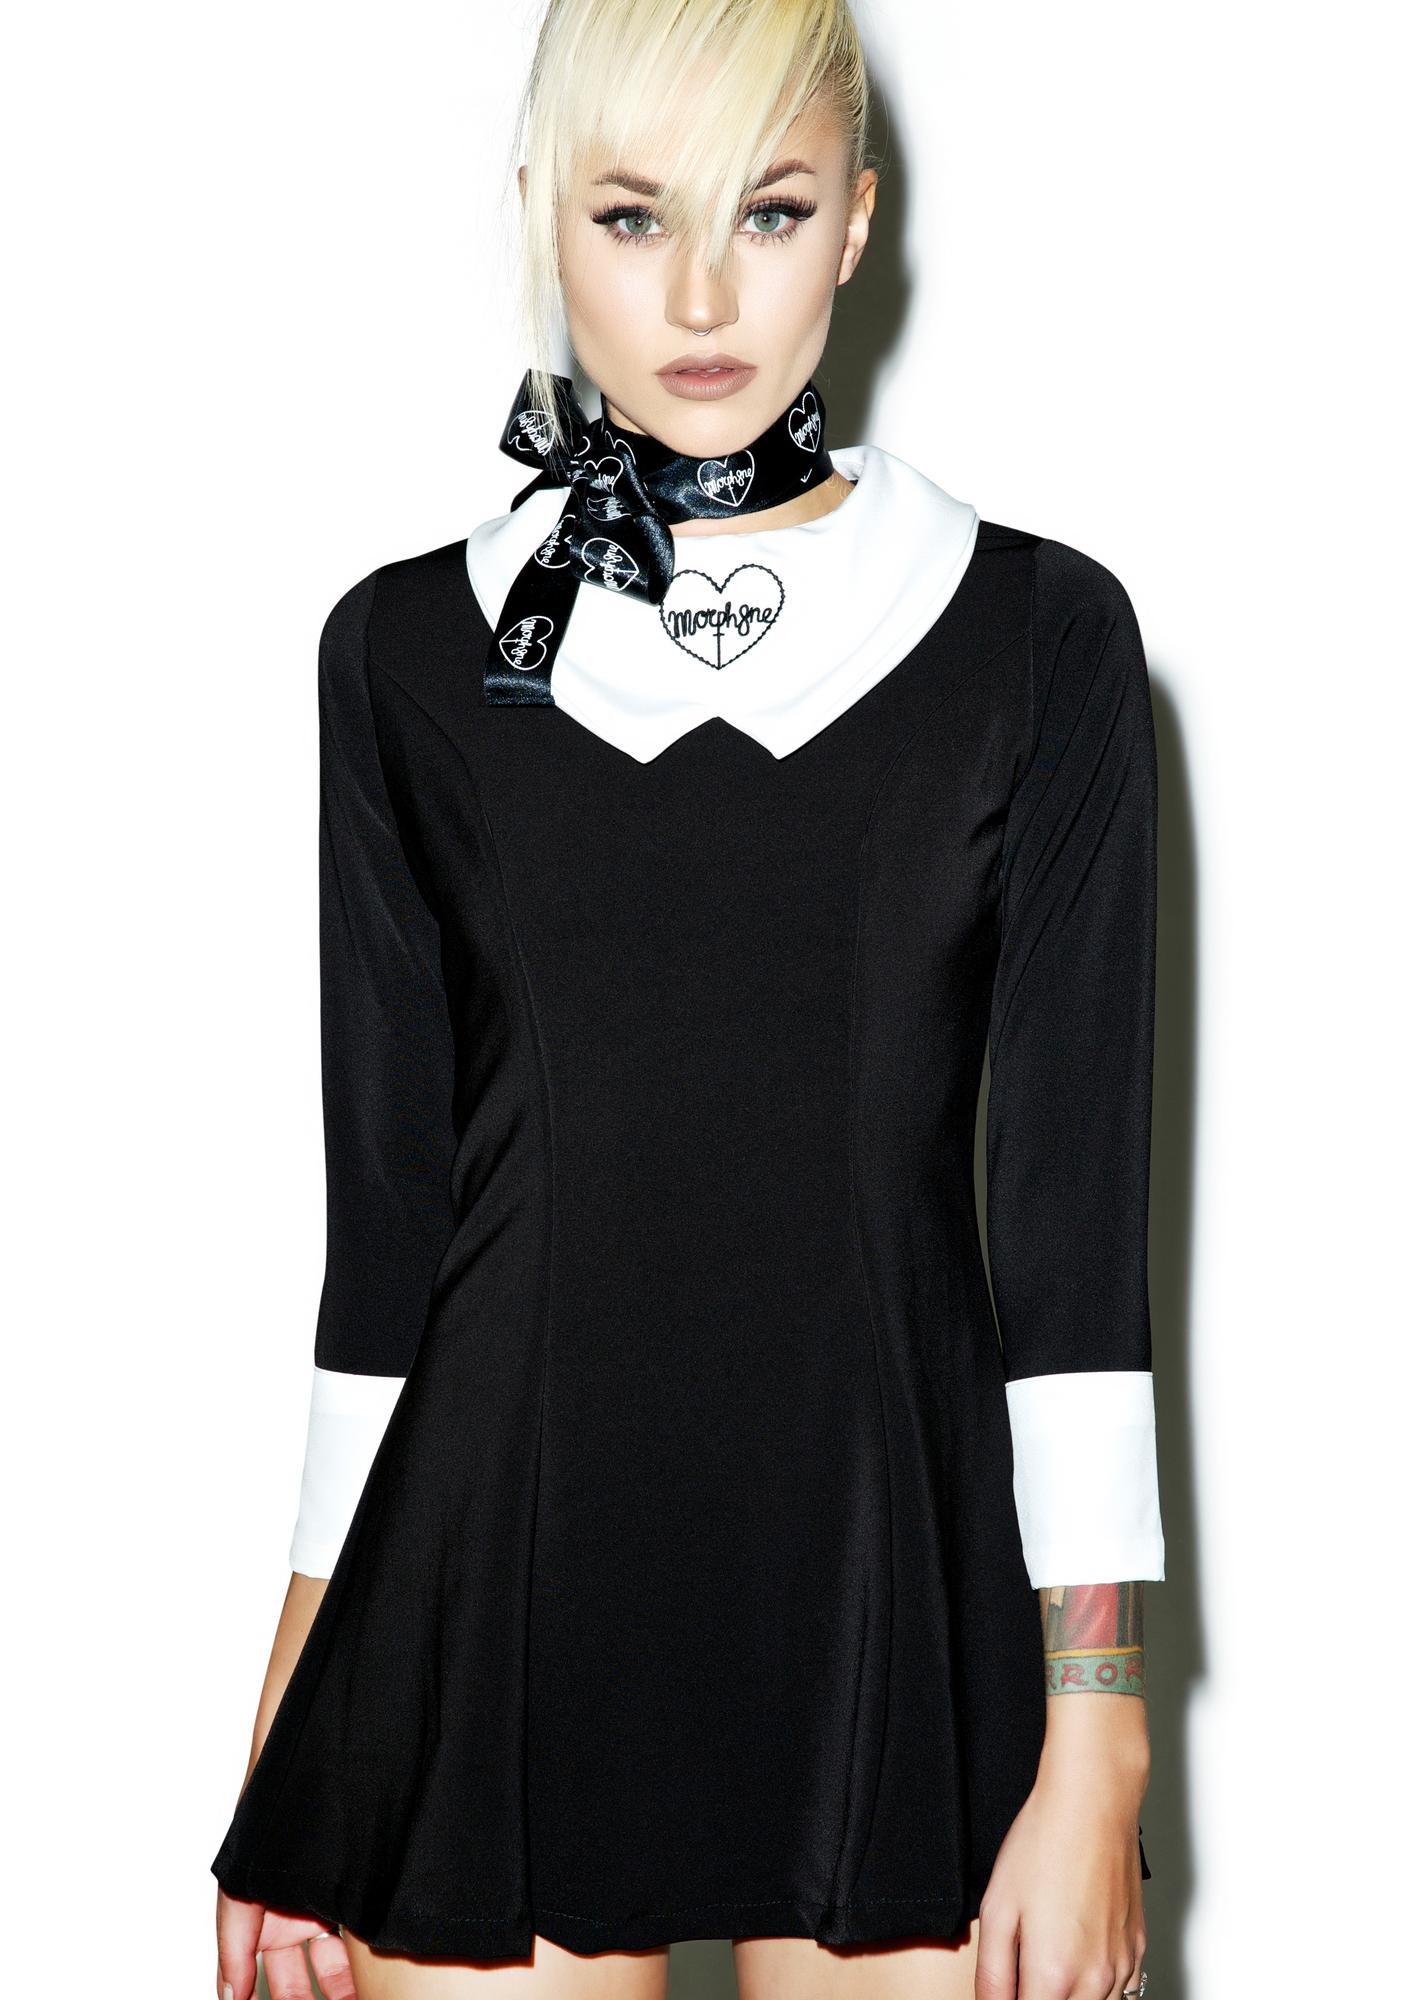 Morph8ne Collared Morph8ne Dress